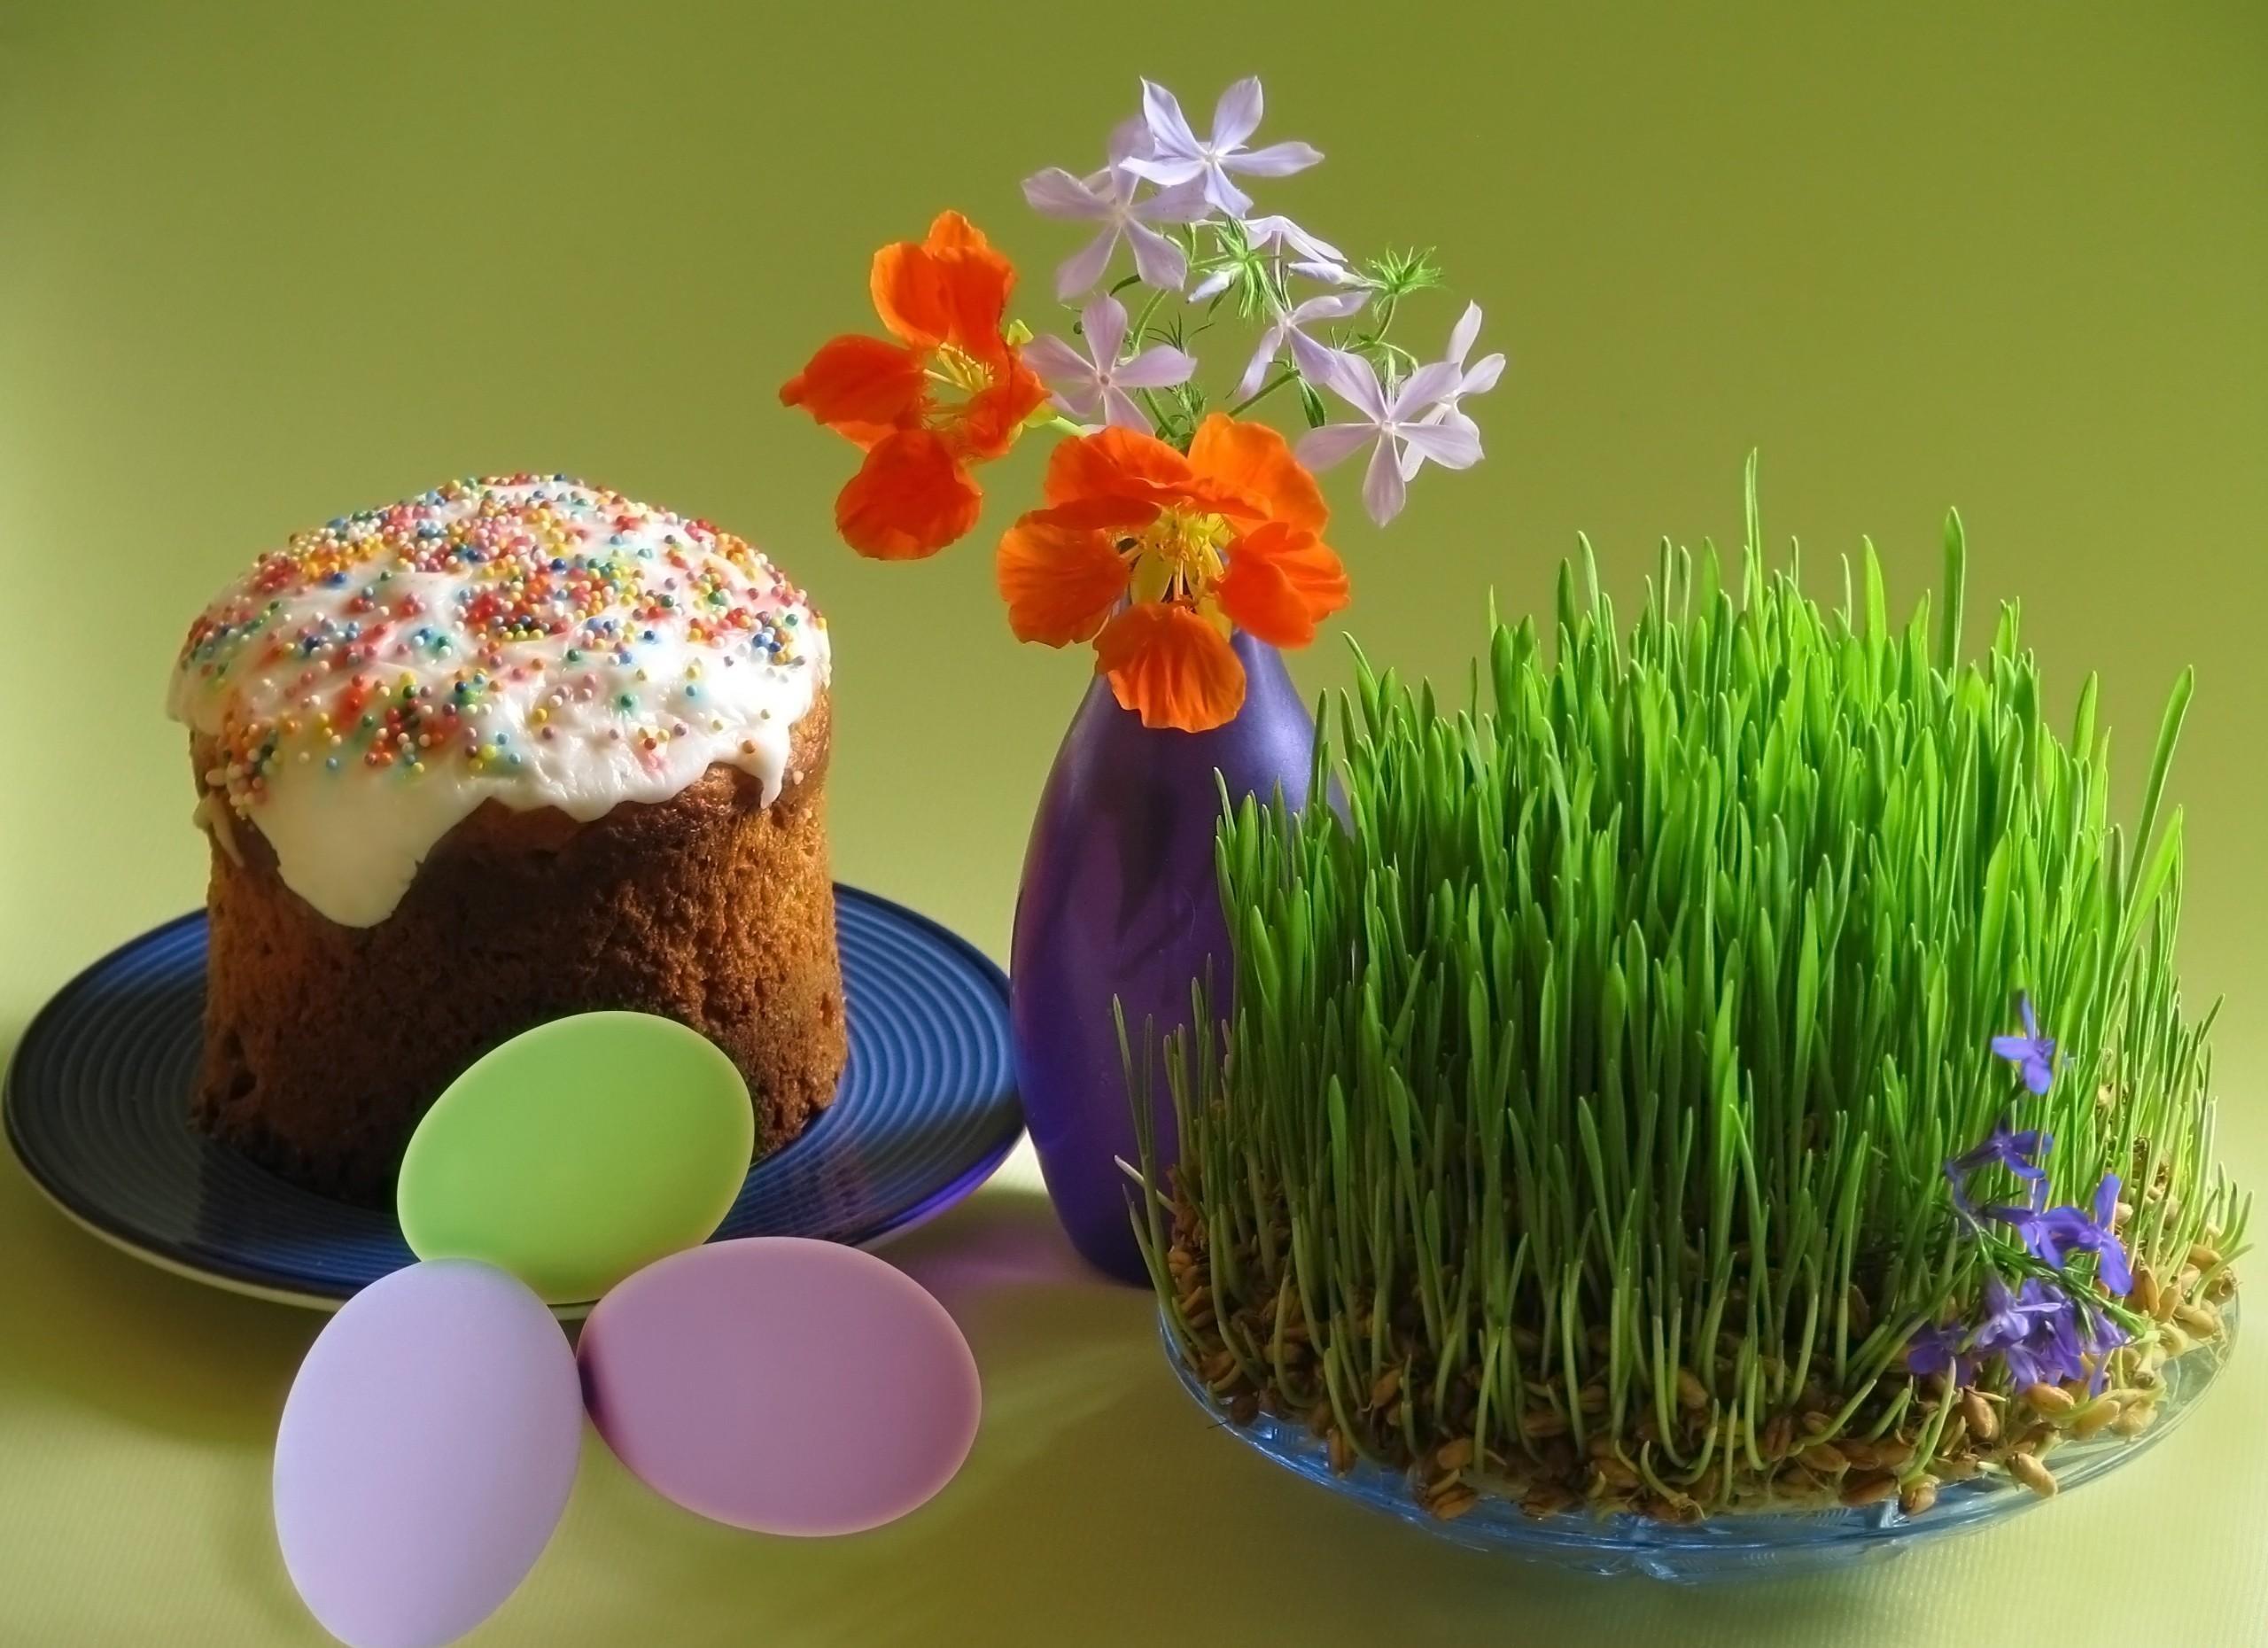 Hintergrundbilder Lebensmittel Eier Gras Teller Kuchen Urlaub